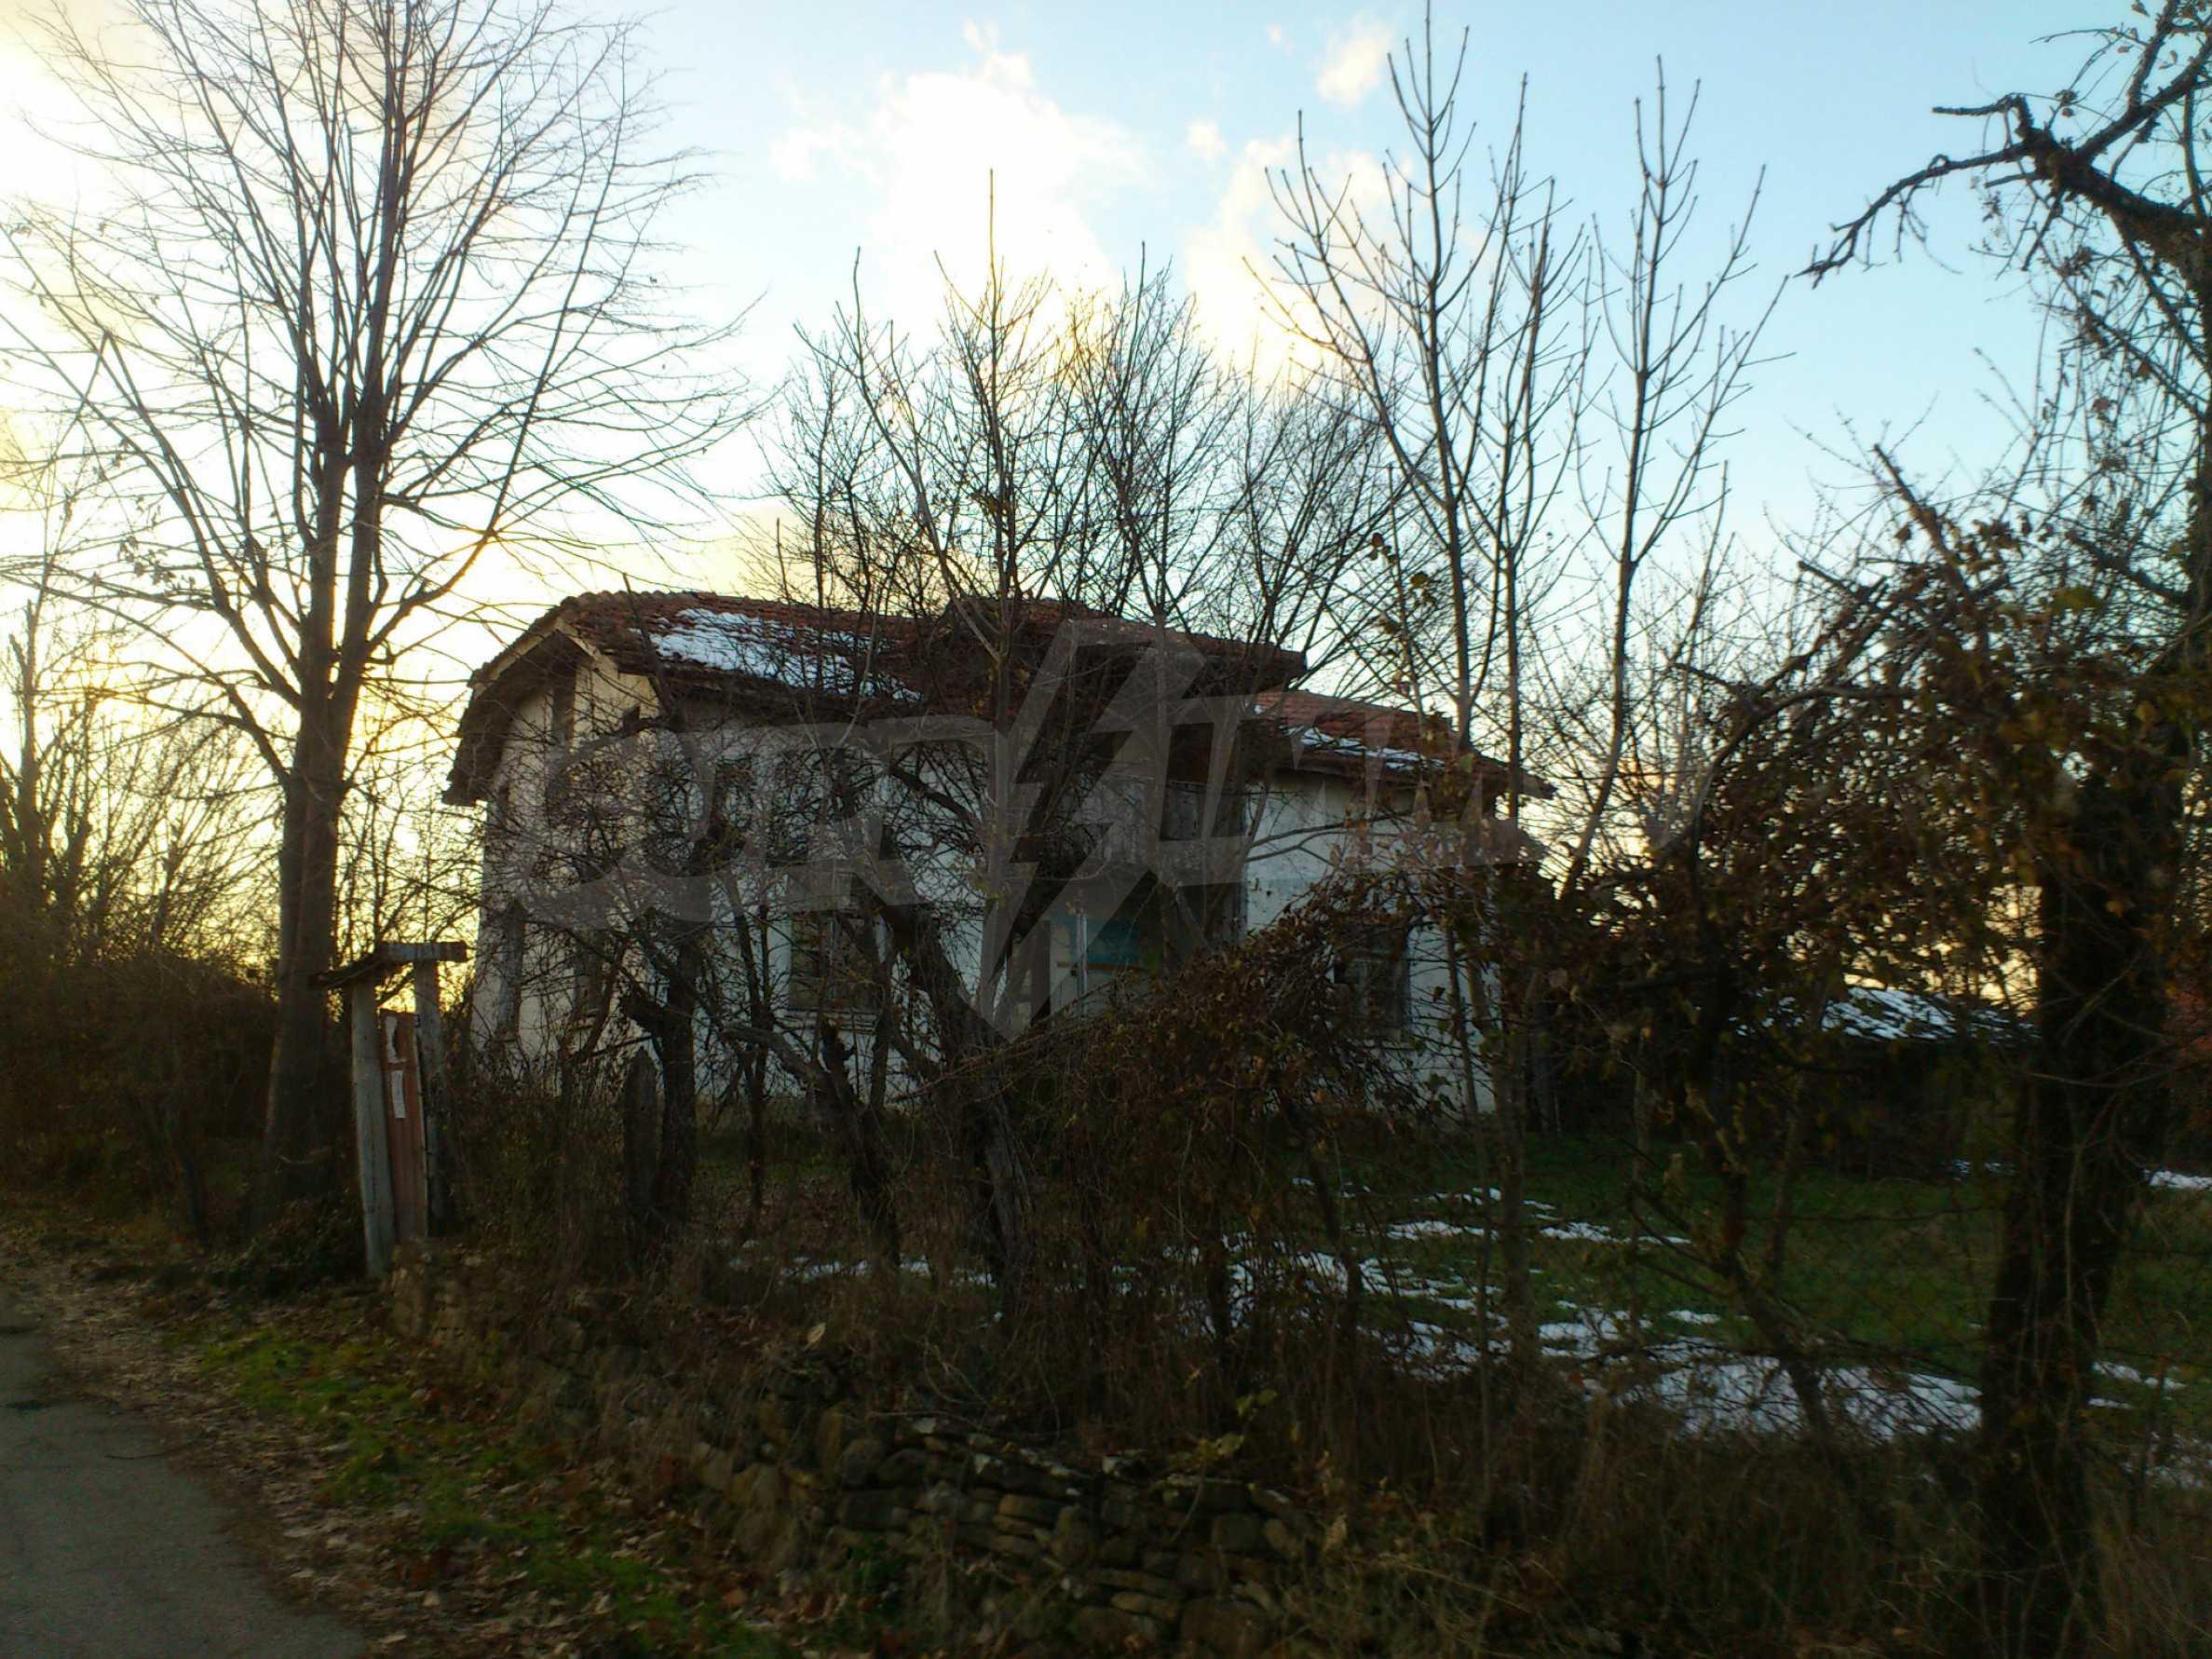 Altes Haus in einem Bergdorf, 20 km von der Stadt Sevlievo entfernt 9